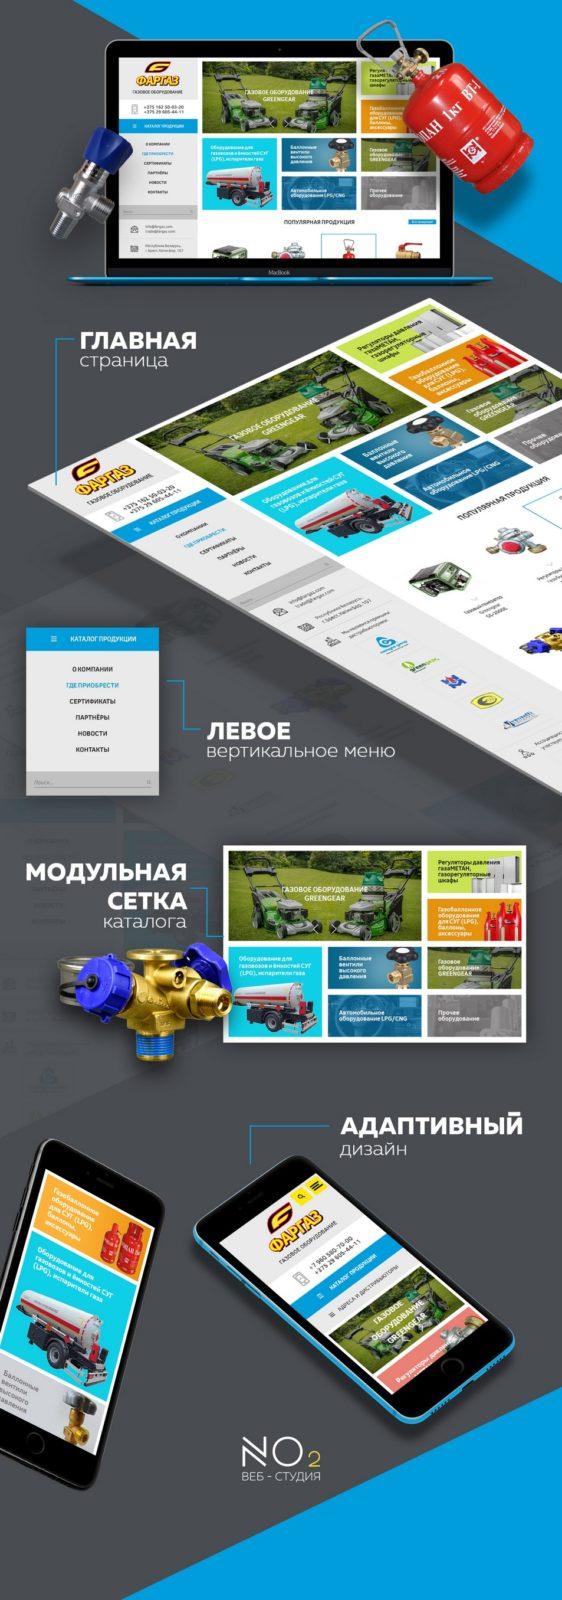 Корпоративный сайт компании СООО «ФАРГАЗ»